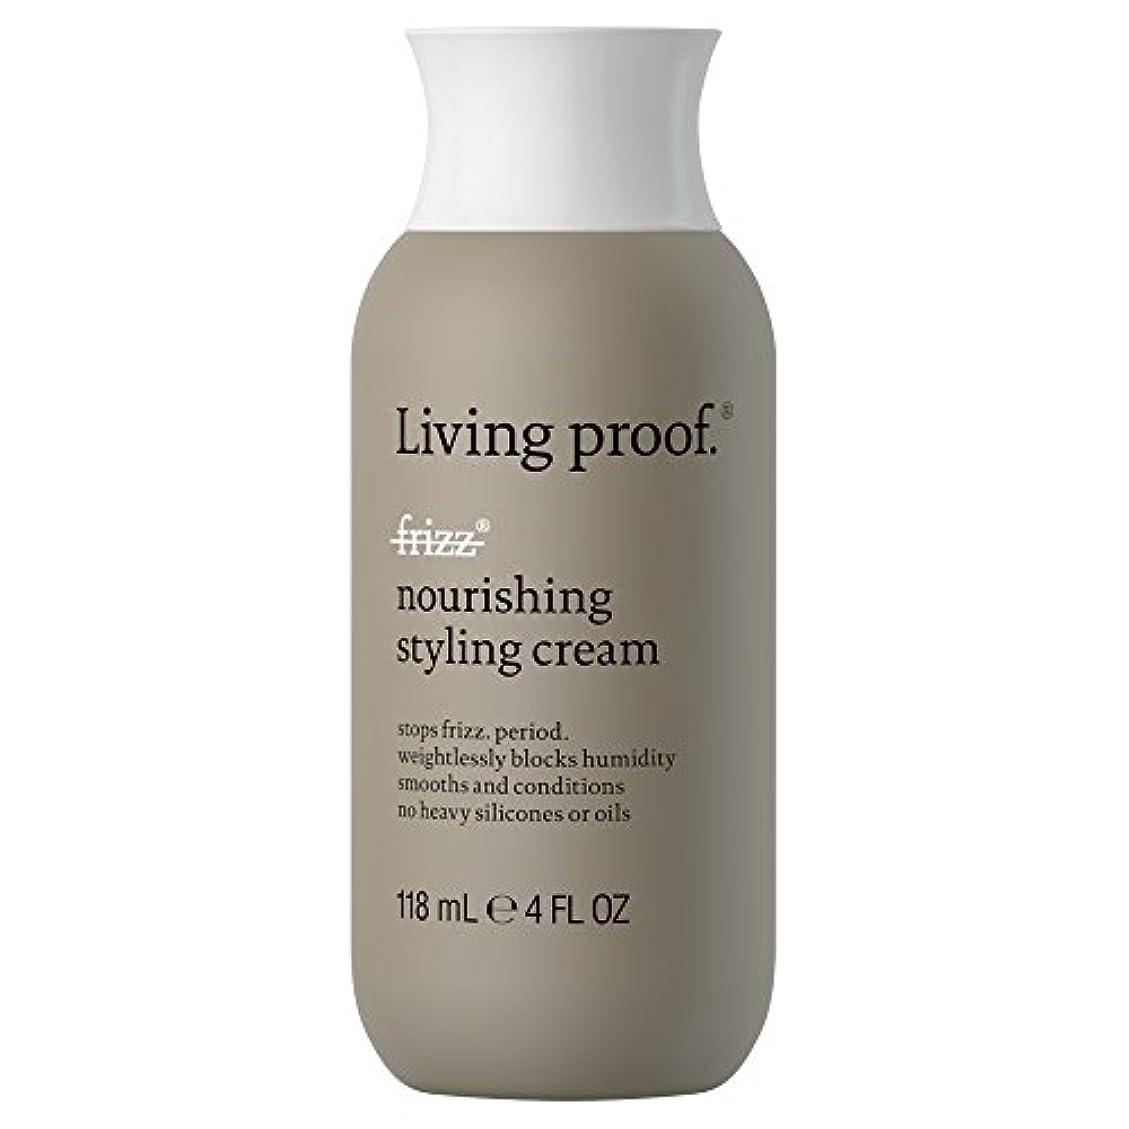 セクション定刻一緒に生きている証拠なし縮れ栄養スタイリングクリーム118ミリリットル (Living Proof) (x2) - Living Proof No Frizz Nourishing Styling Cream 118ml (Pack of 2) [並行輸入品]